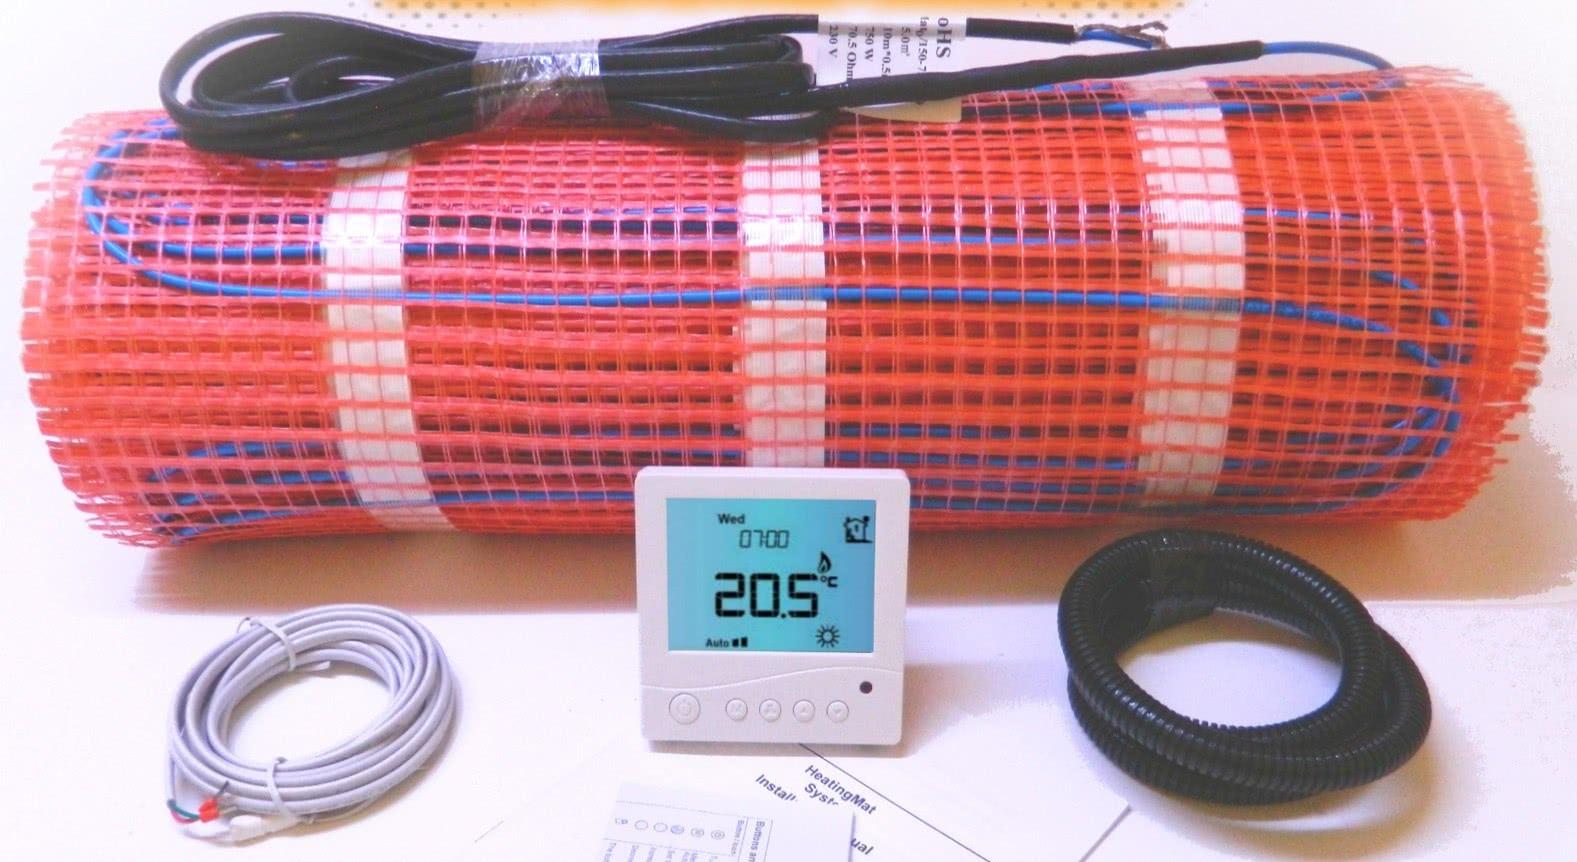 A fűtőszőnyeg üzemeltetéséhez dupla szenzoros termosztát szükséges. A fűtőszőnyeg mellé válasszon termosztátot a termosztátok oldalról..